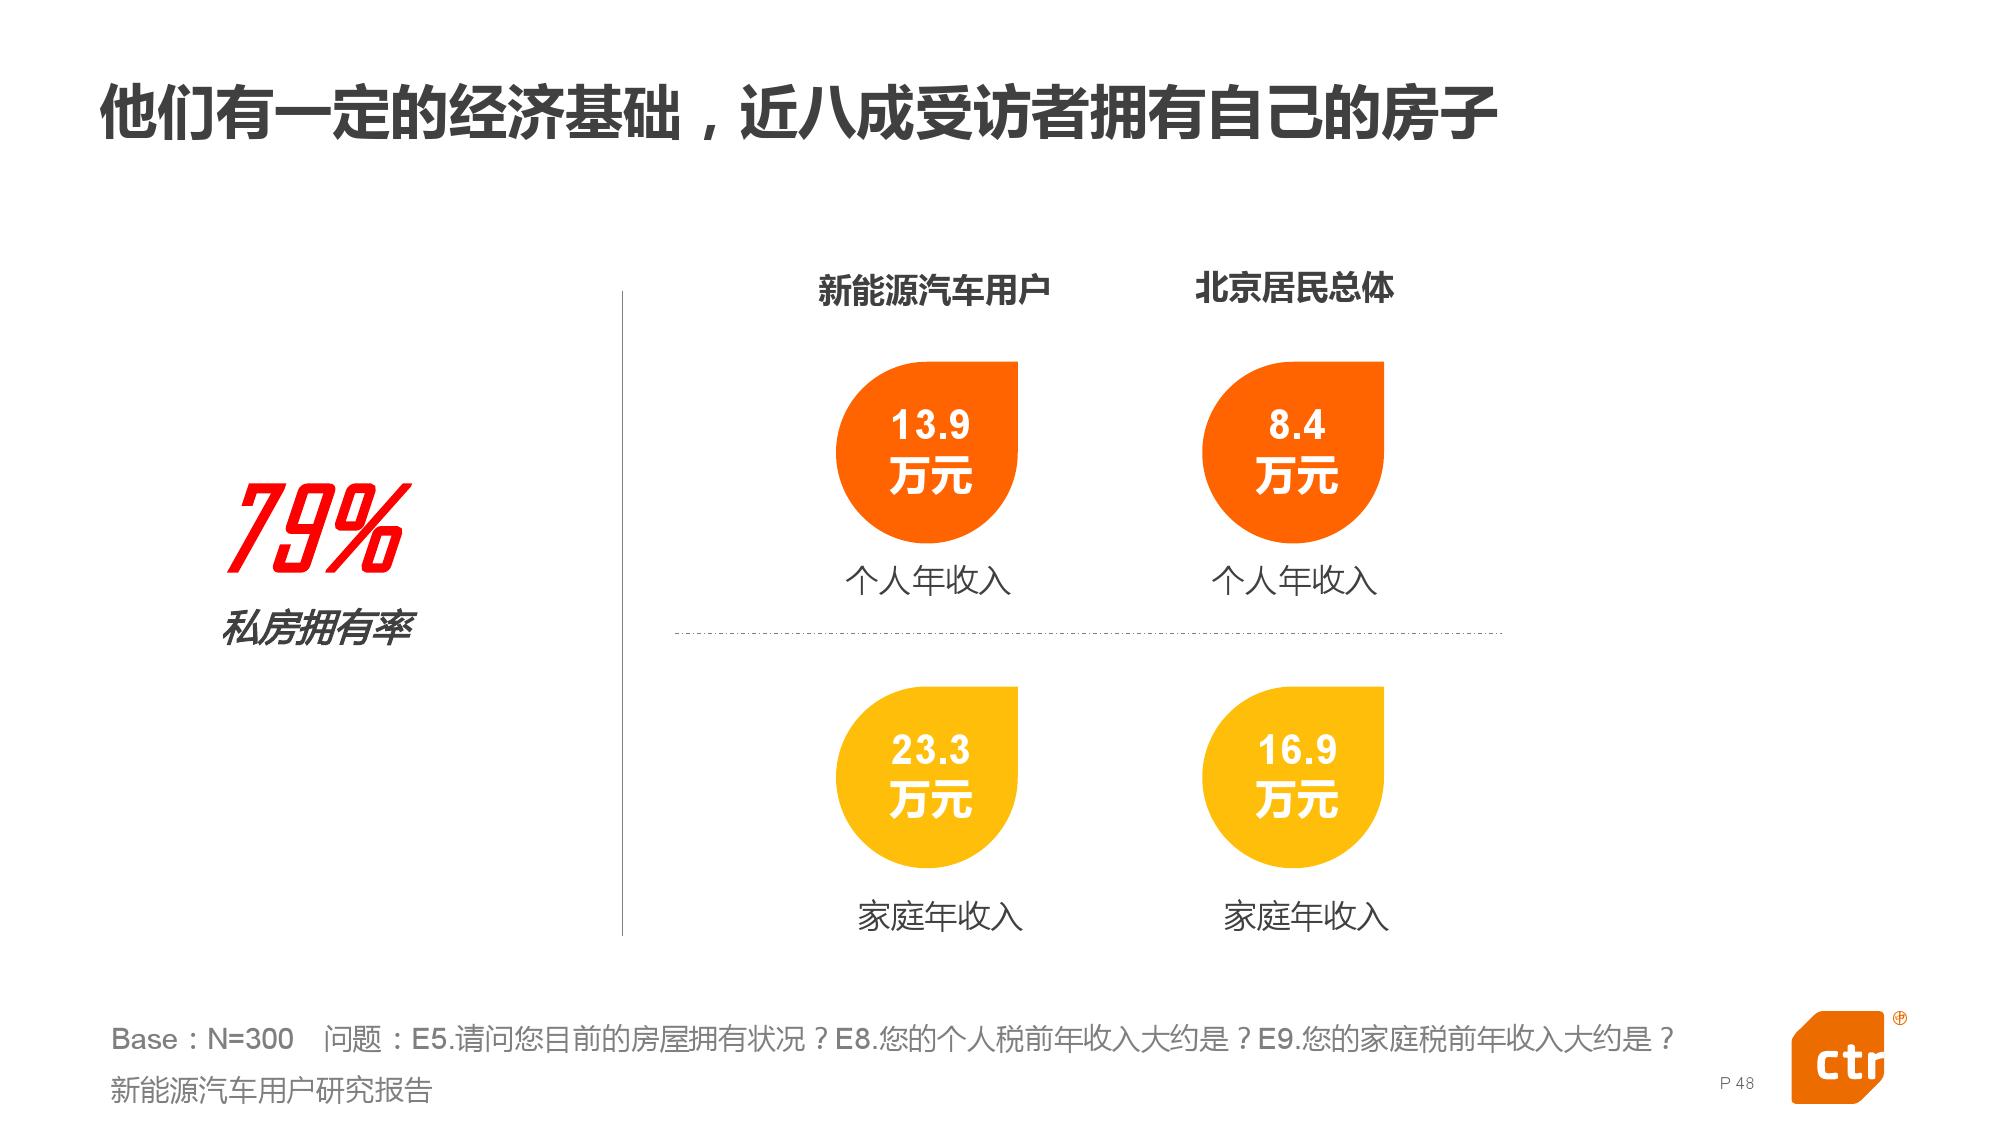 新能源汽车用户研究报告_000048